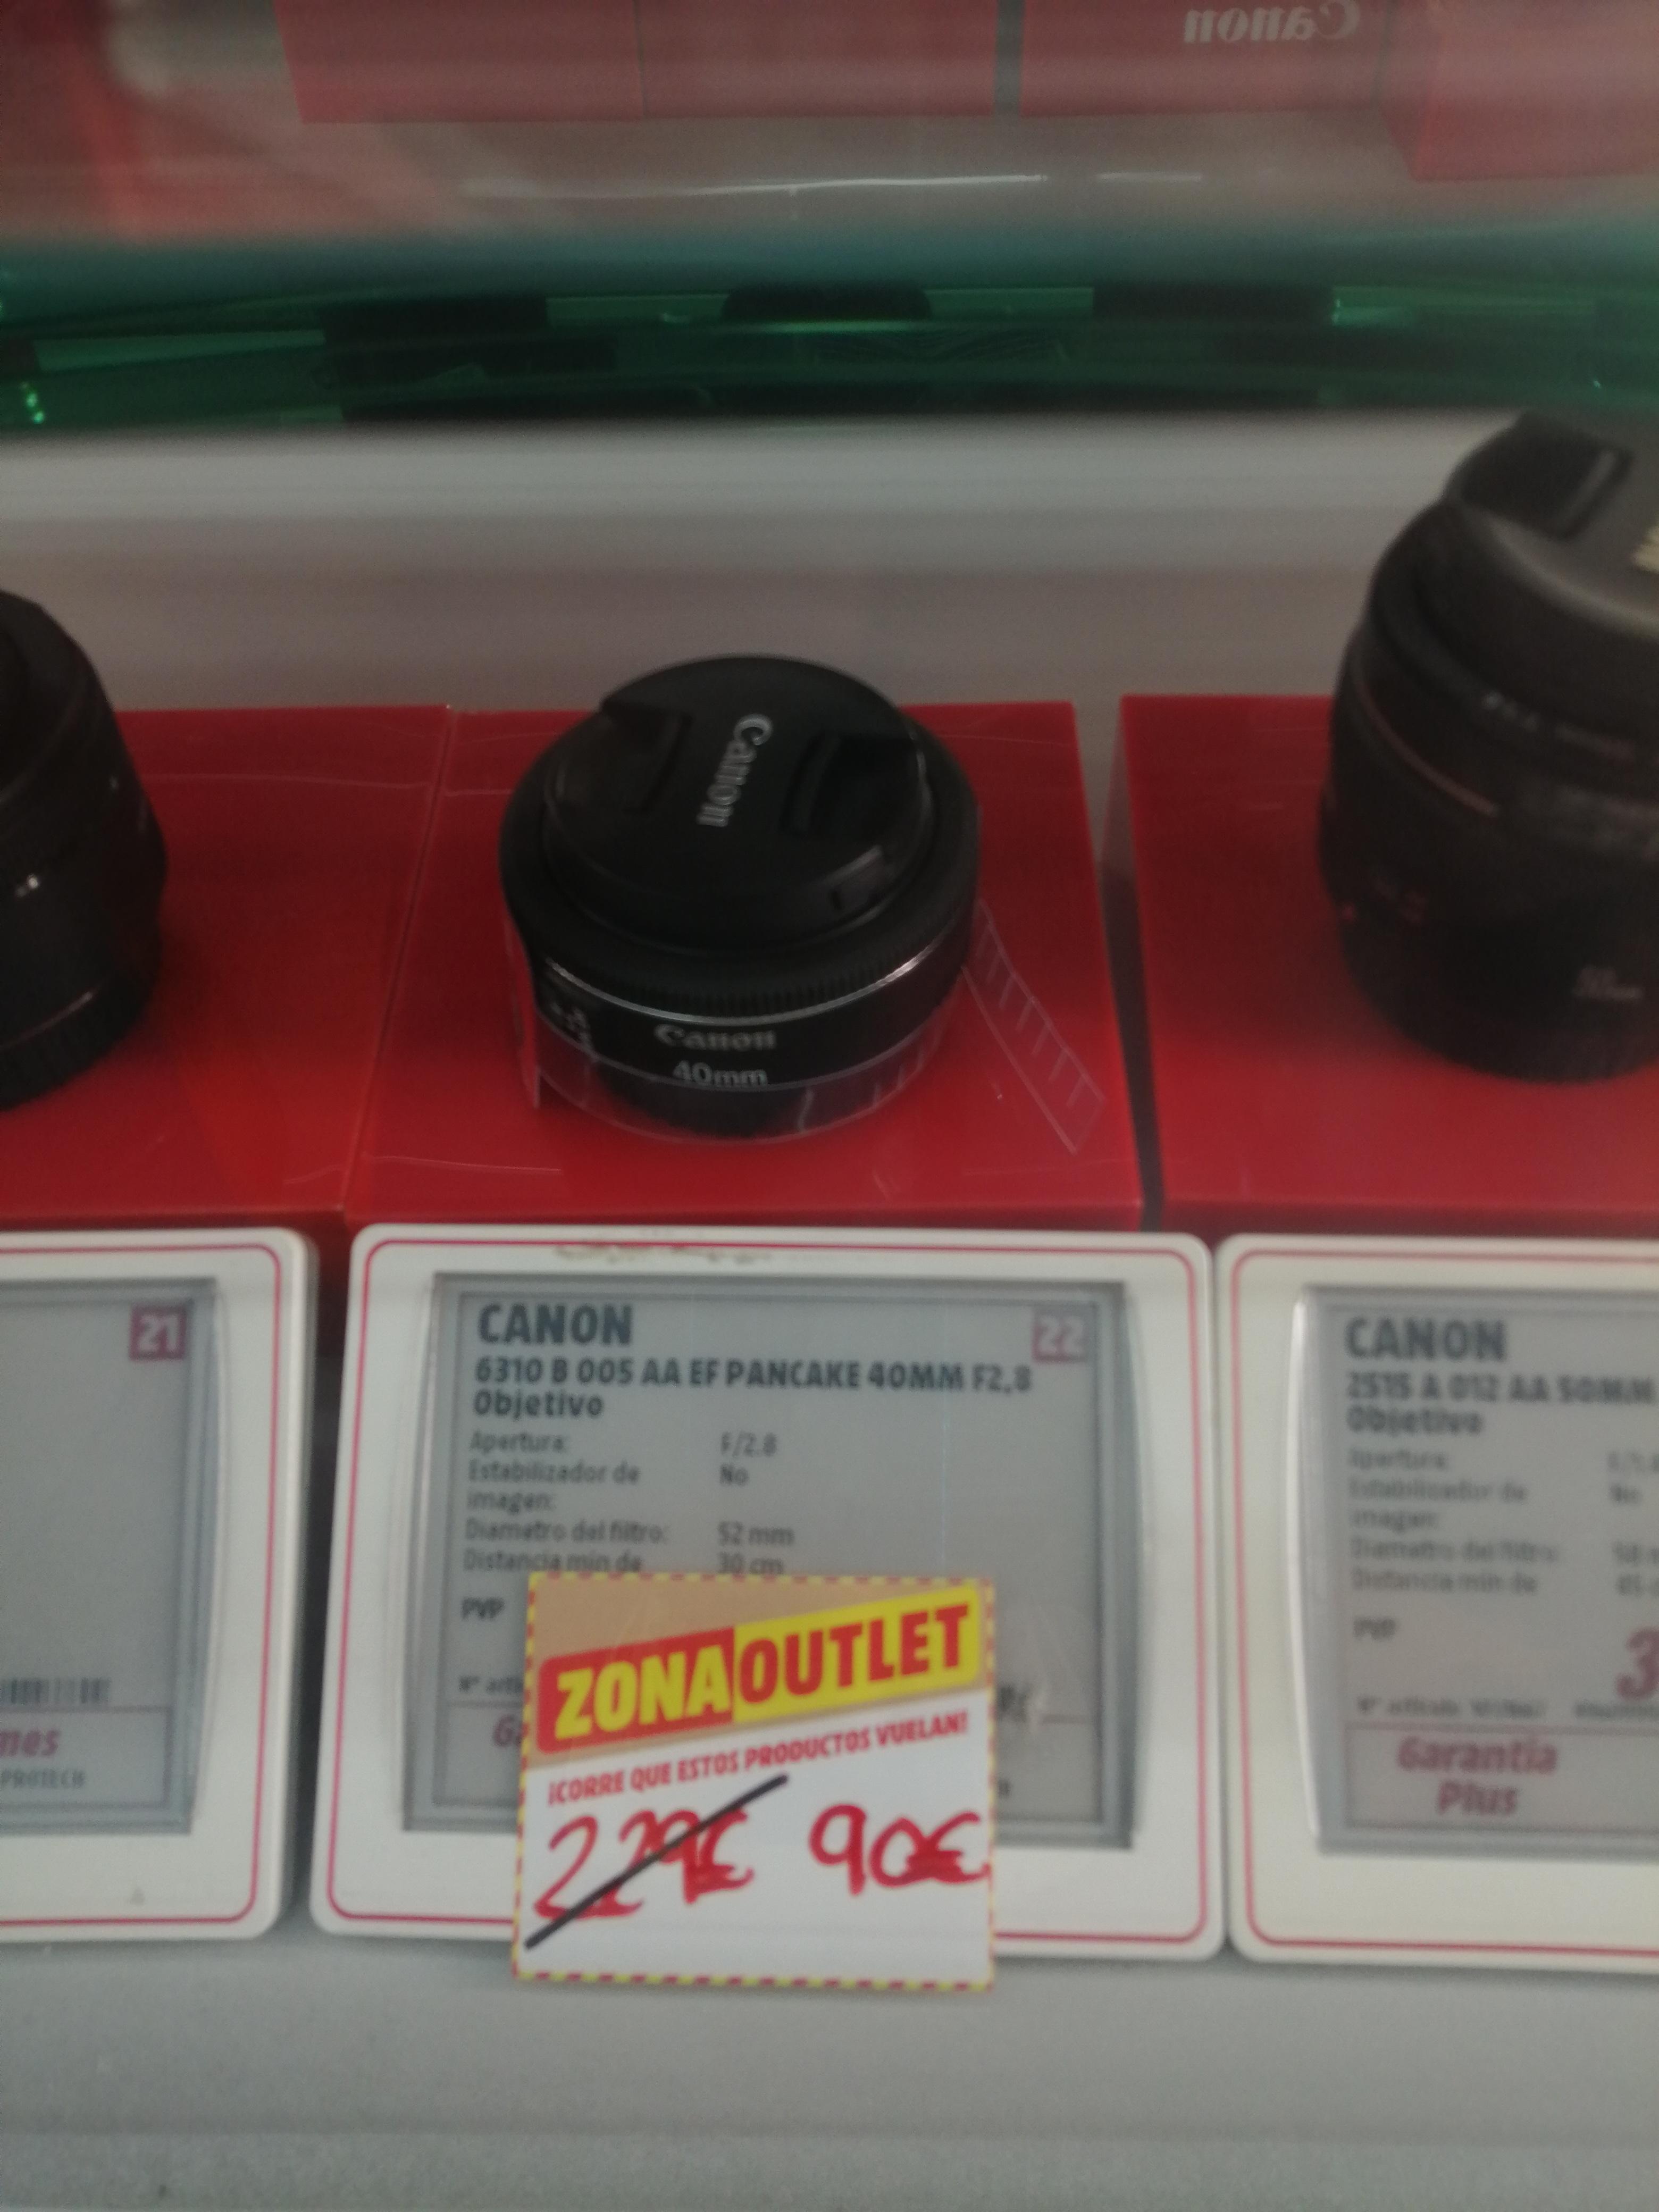 Canon 40 mm, f/2.8 STM - Objetivo (Distancia Focal Fija 40 mm, Apertura f/2.8), Negro